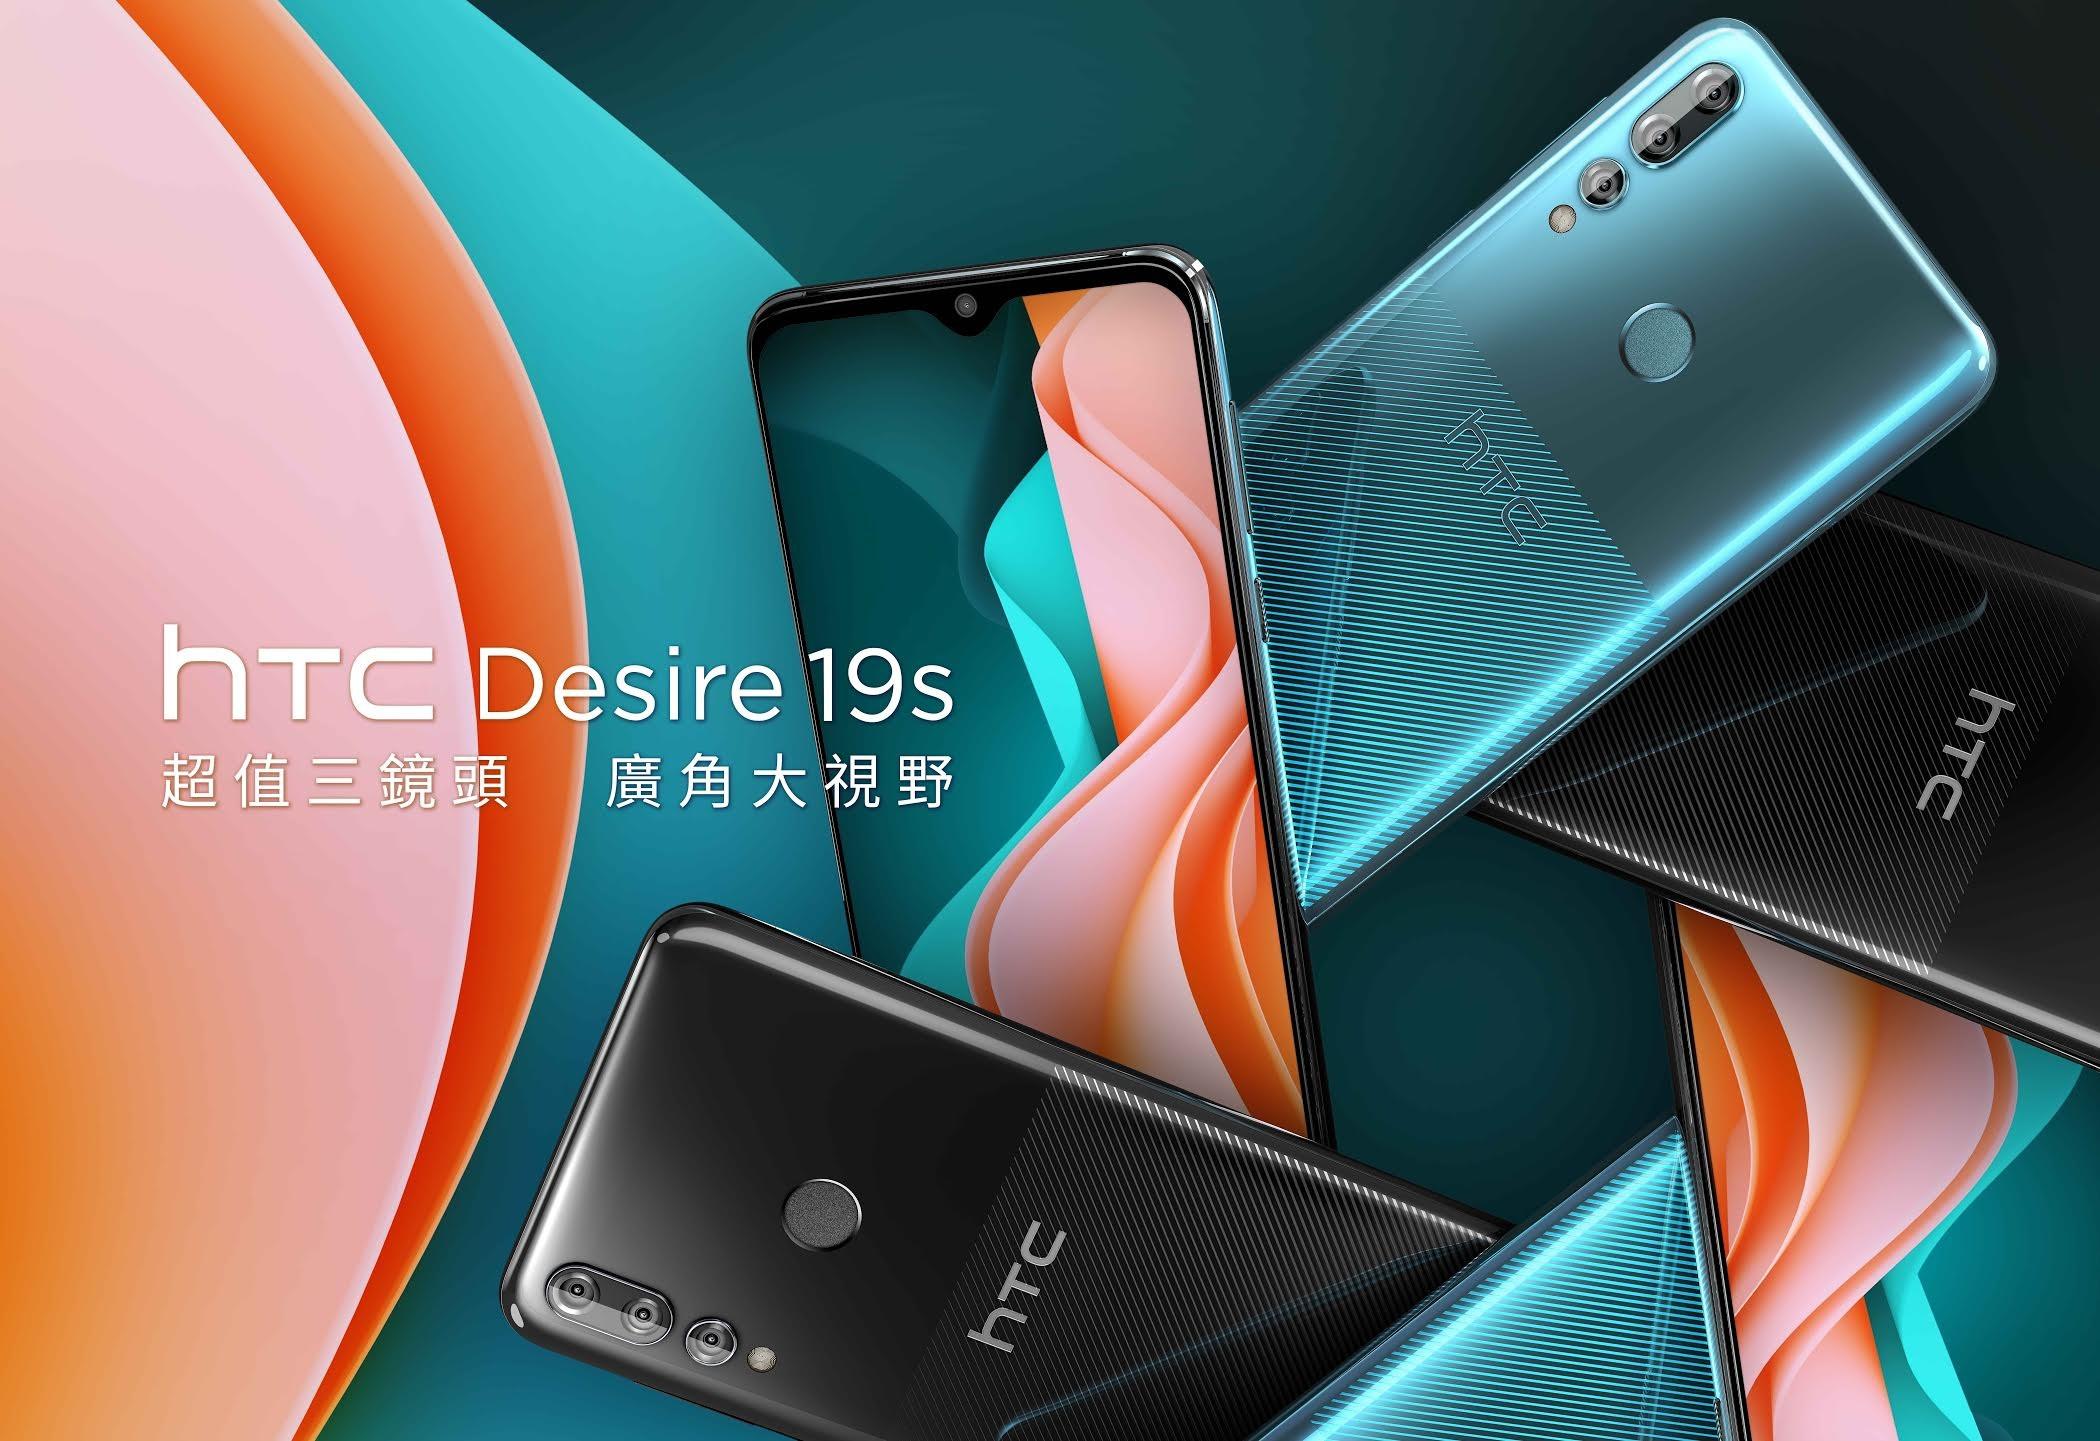 照片中提到了hTc Desire 19s、廣角大視野、超值三鏡頭,跟宏達電、宏達電有關,包含了htc慾望、手機、功能手機、htc慾望